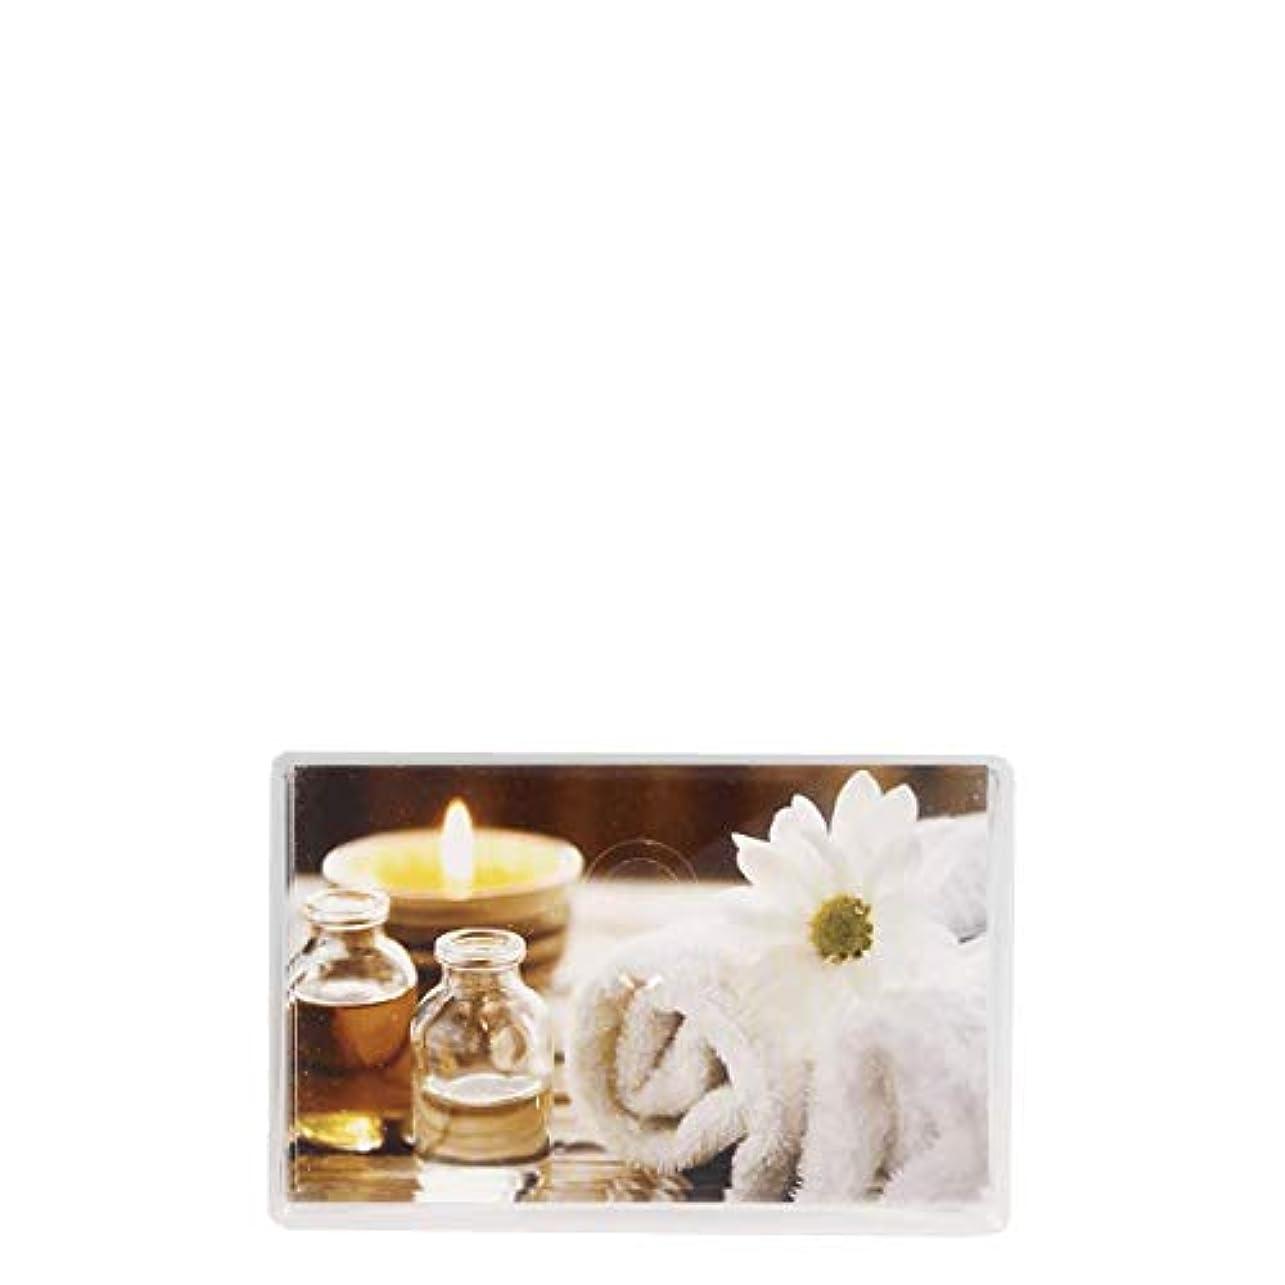 本物の特権梨アポイントメントカード Appointment cards- AP5B BEAUTY DAISY CARDS x100[海外直送品] [並行輸入品]